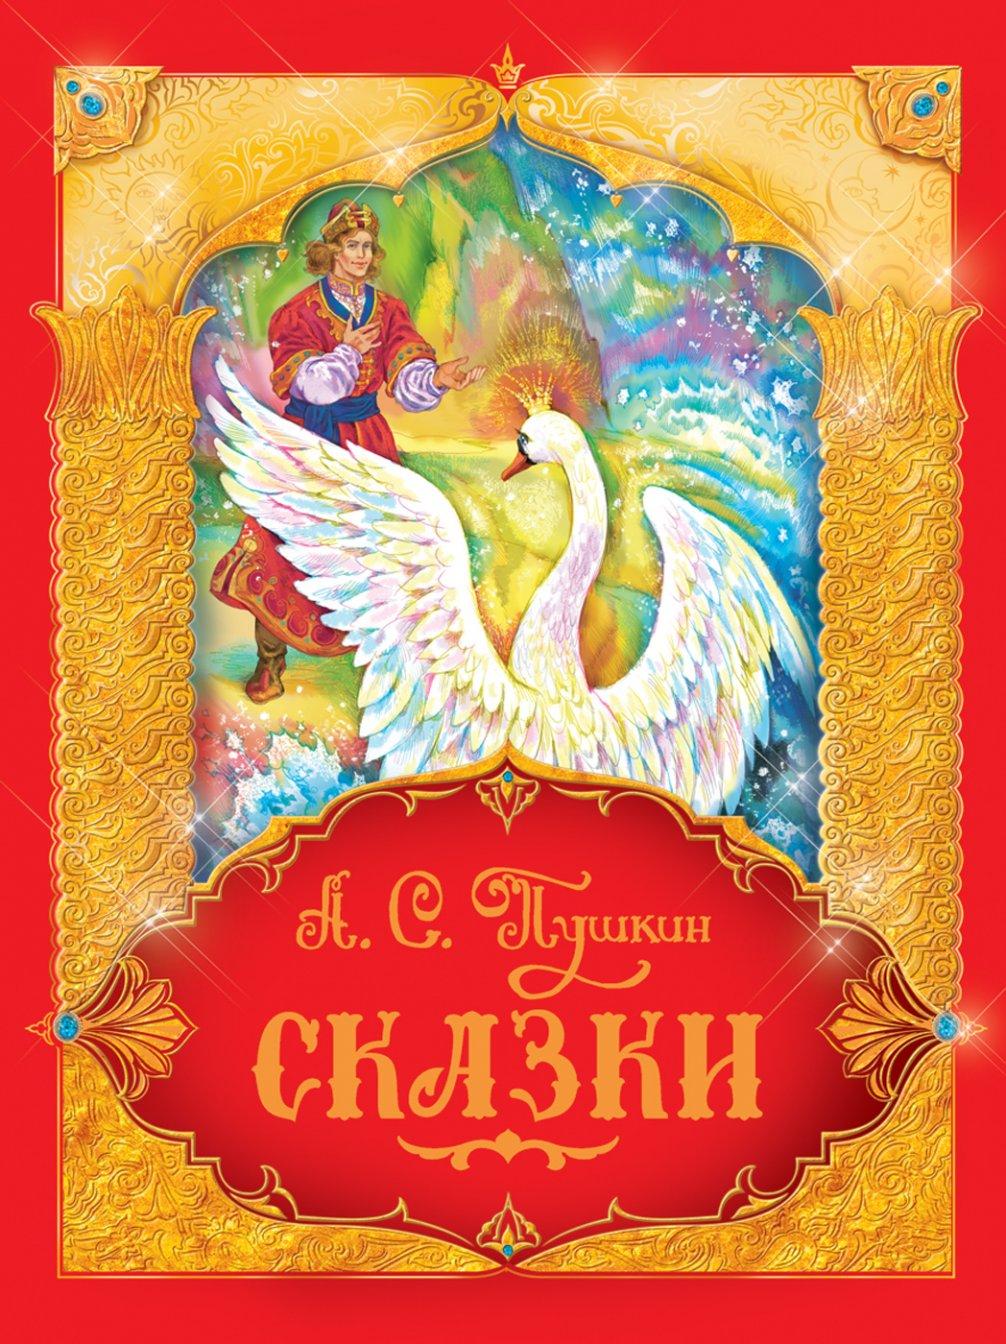 Книга А.С. Пушкин - СказкиБибилиотека детского сада<br>Книга А.С. Пушкин - Сказки<br>